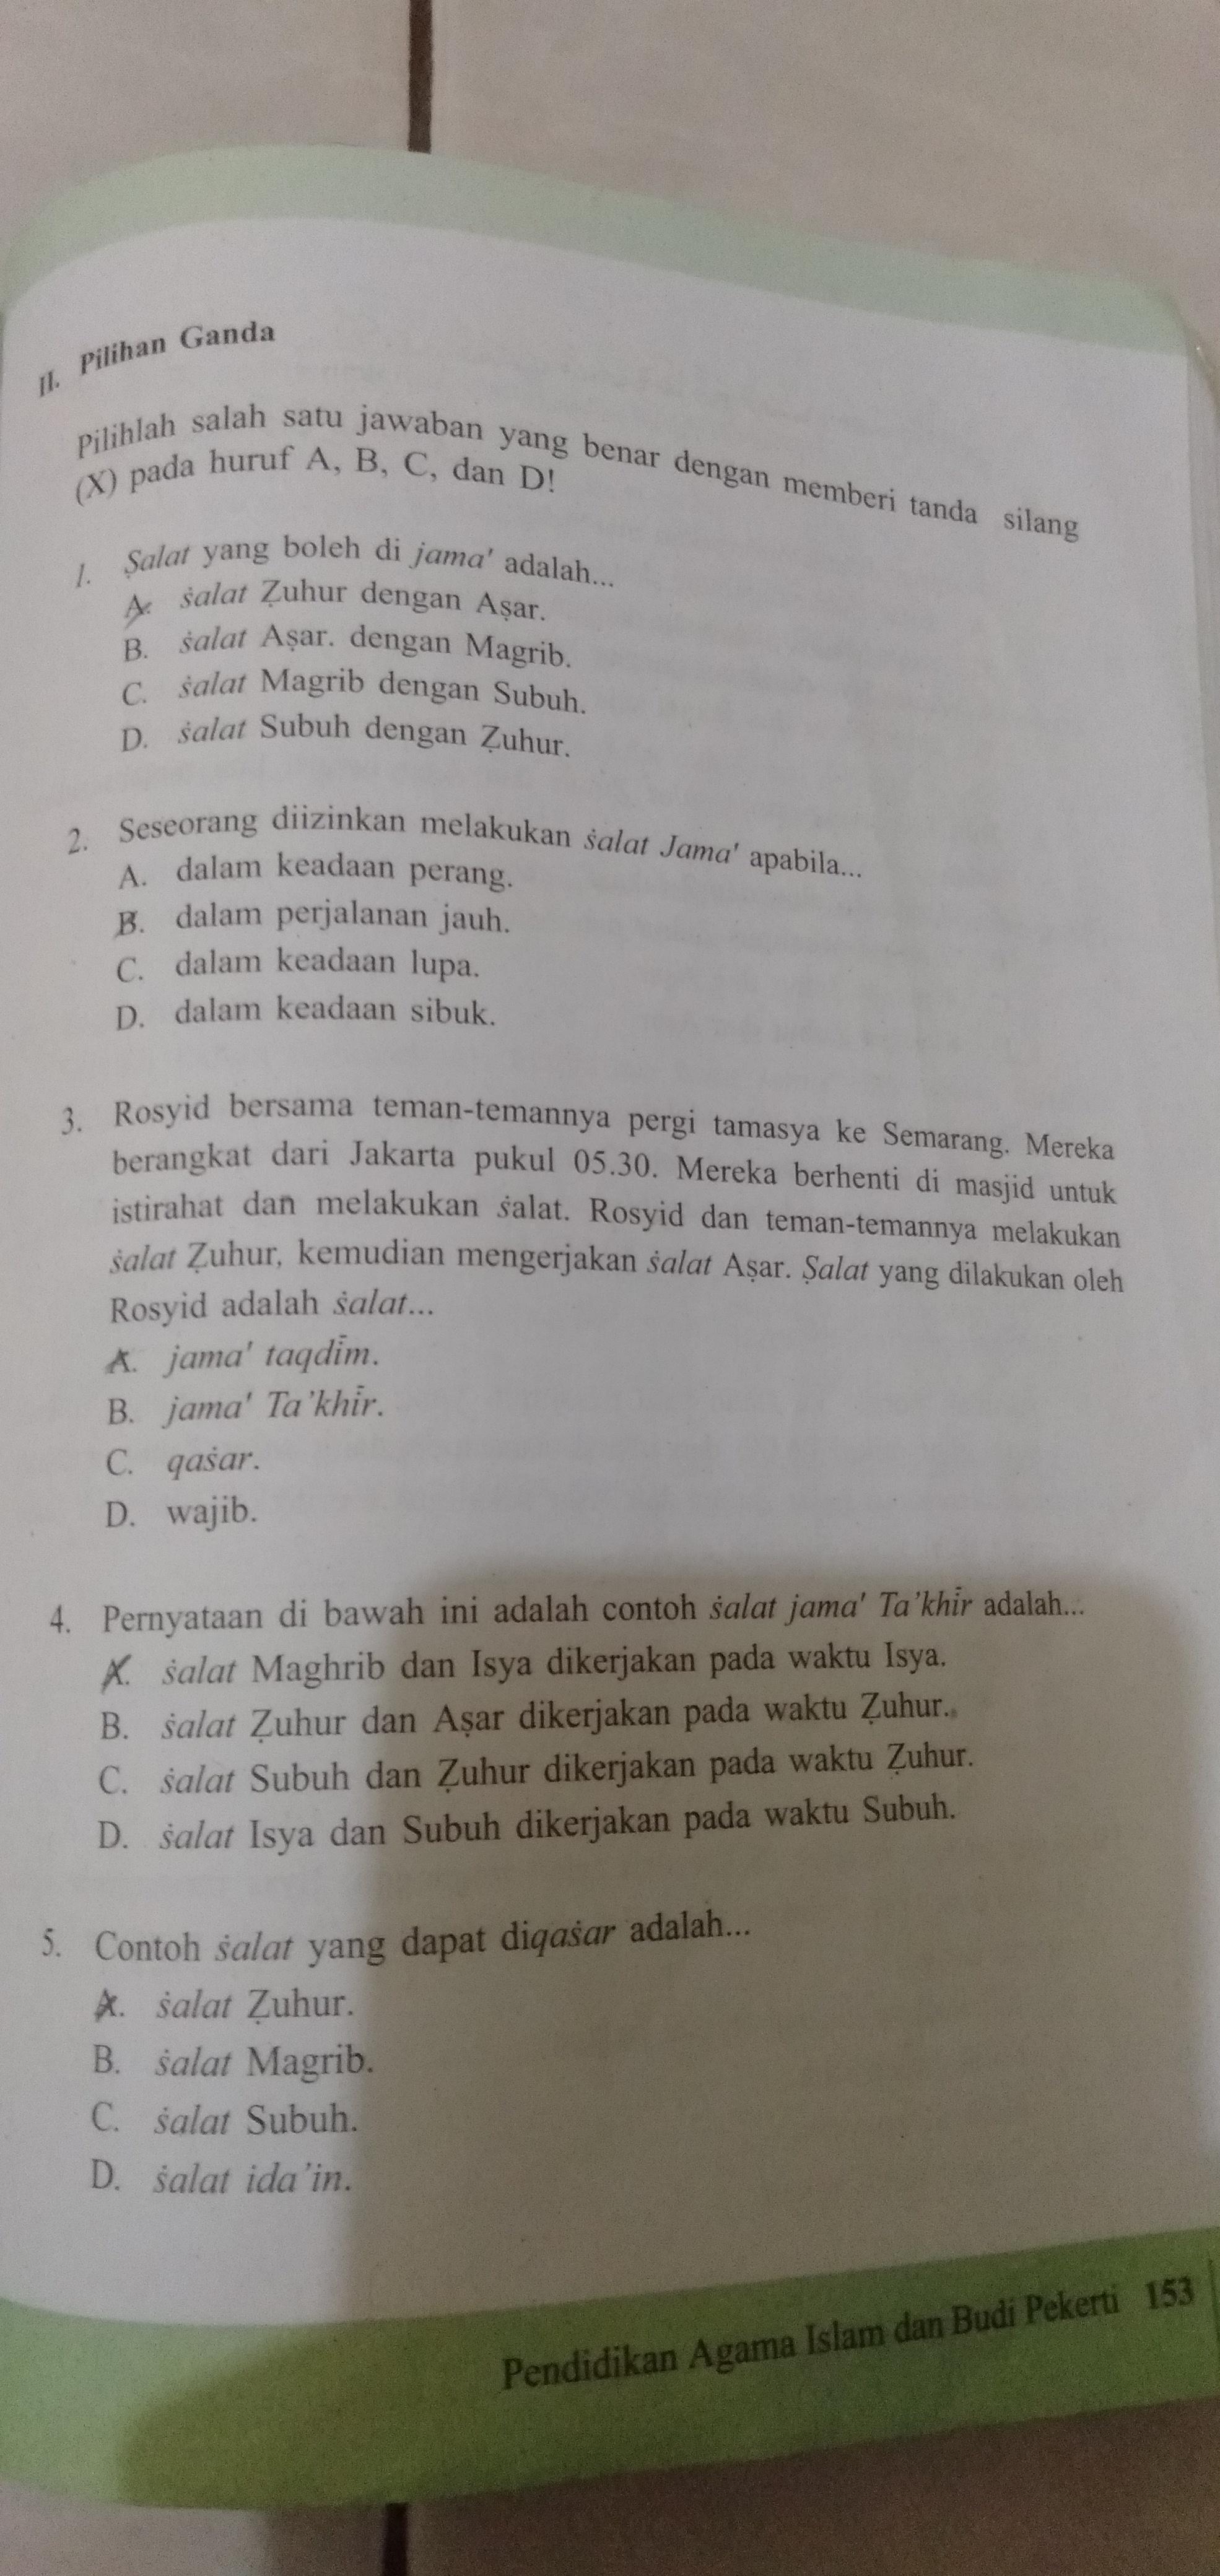 Jawaban Bahasa Indonesia Kelas 11 Kegiatan 1 Bab Proposal Hal 153